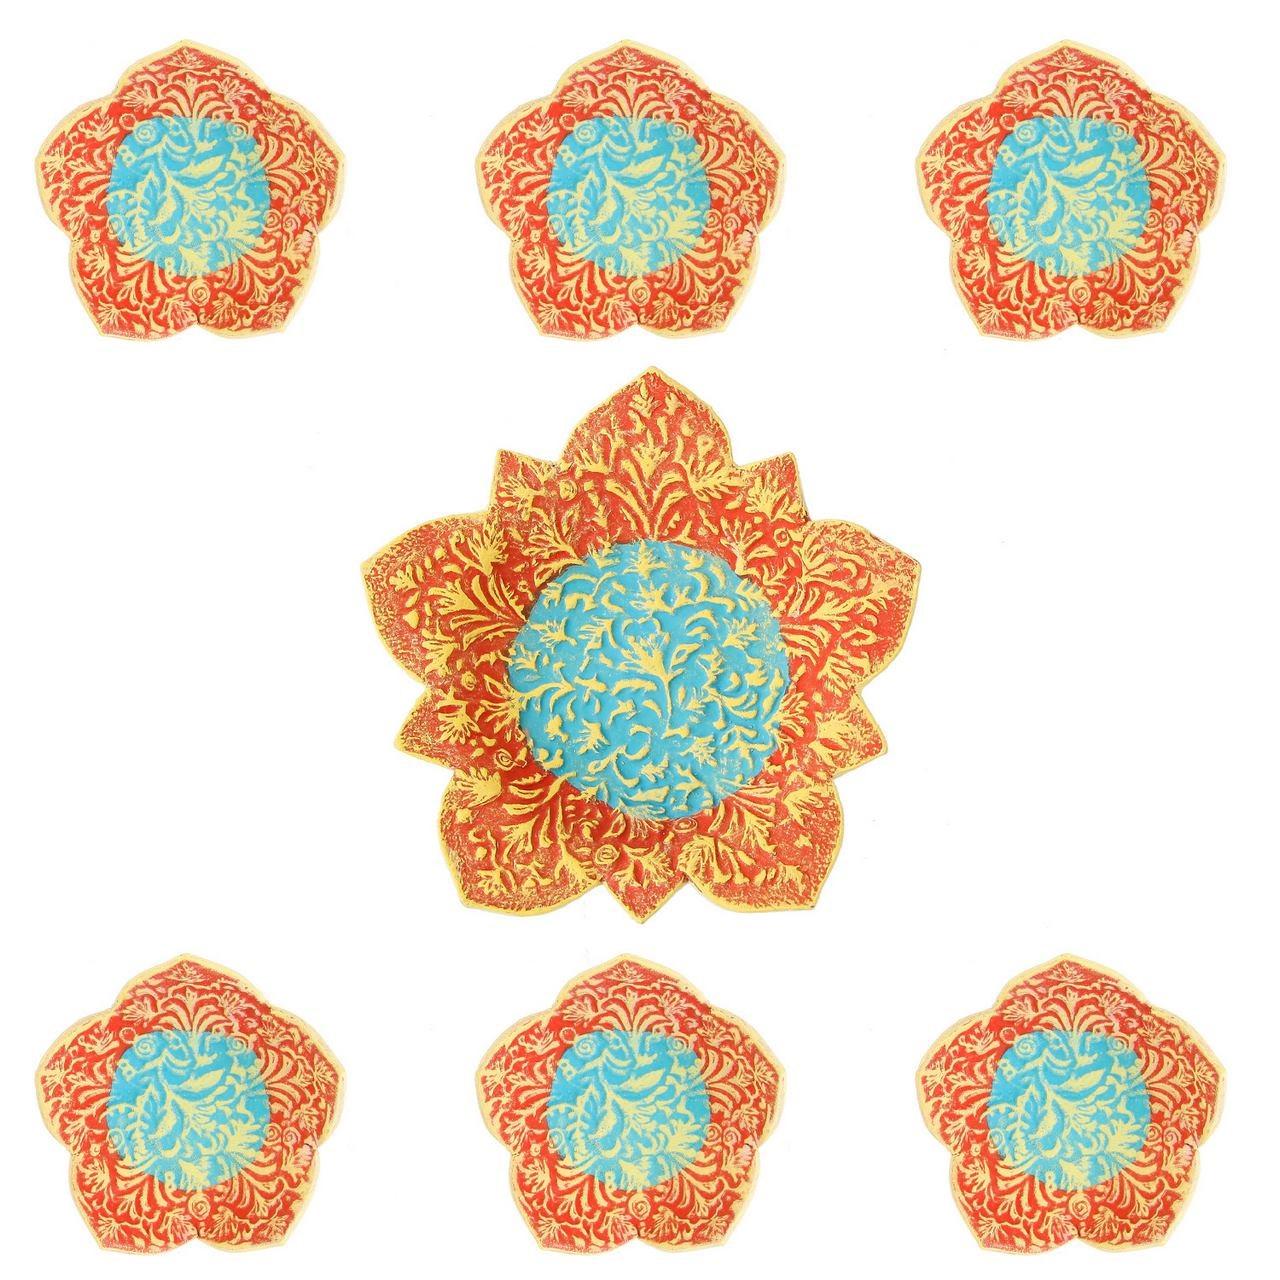 عکس مجموعه ظروف هفت سین سفالی گالری آسوریک کد 86075